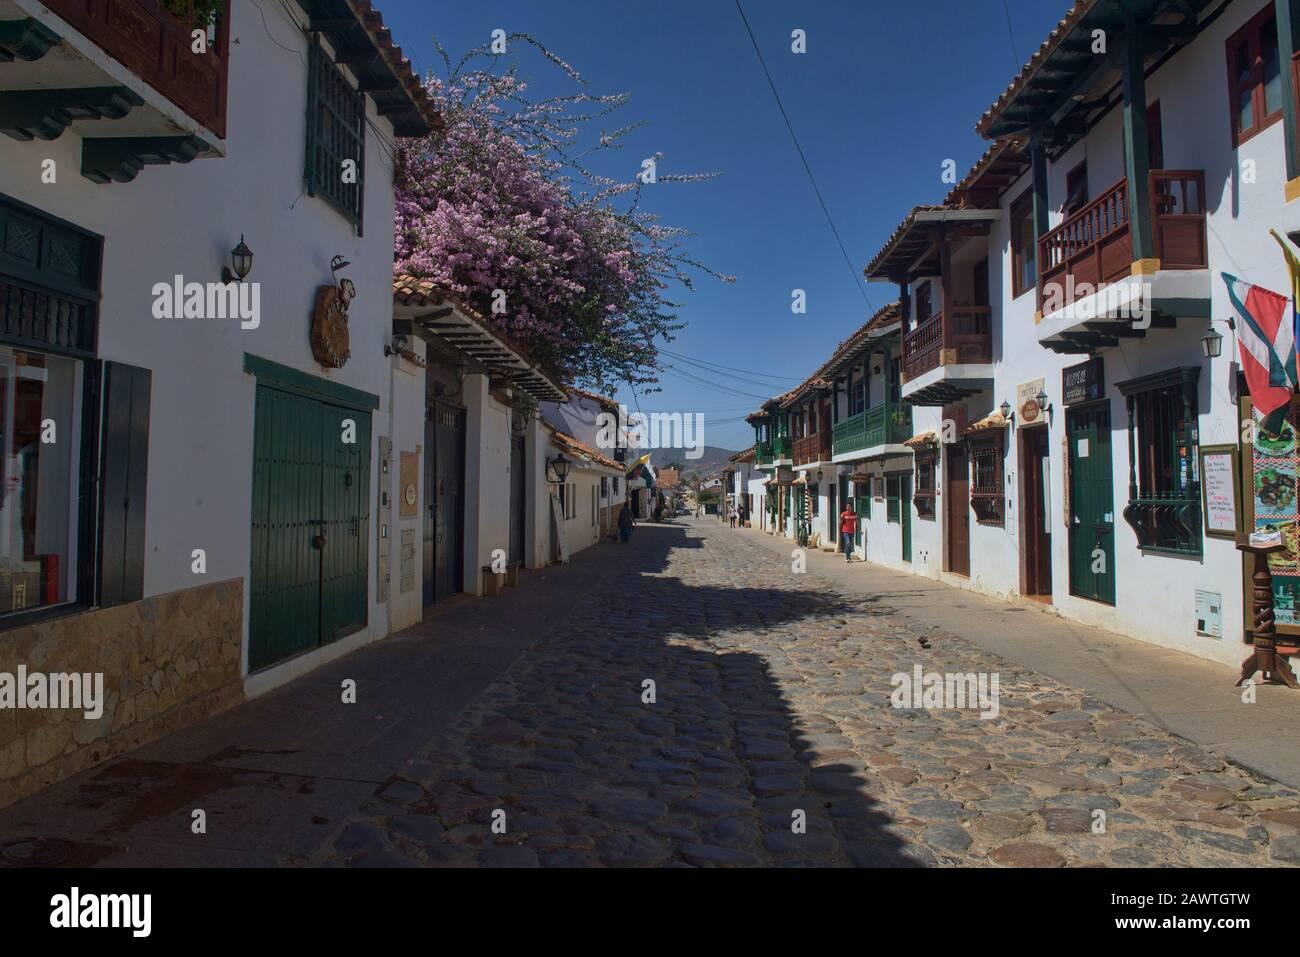 Calles empedradas en la encantadora Villa de Leyva, Boyacá, Colombia Foto de stock